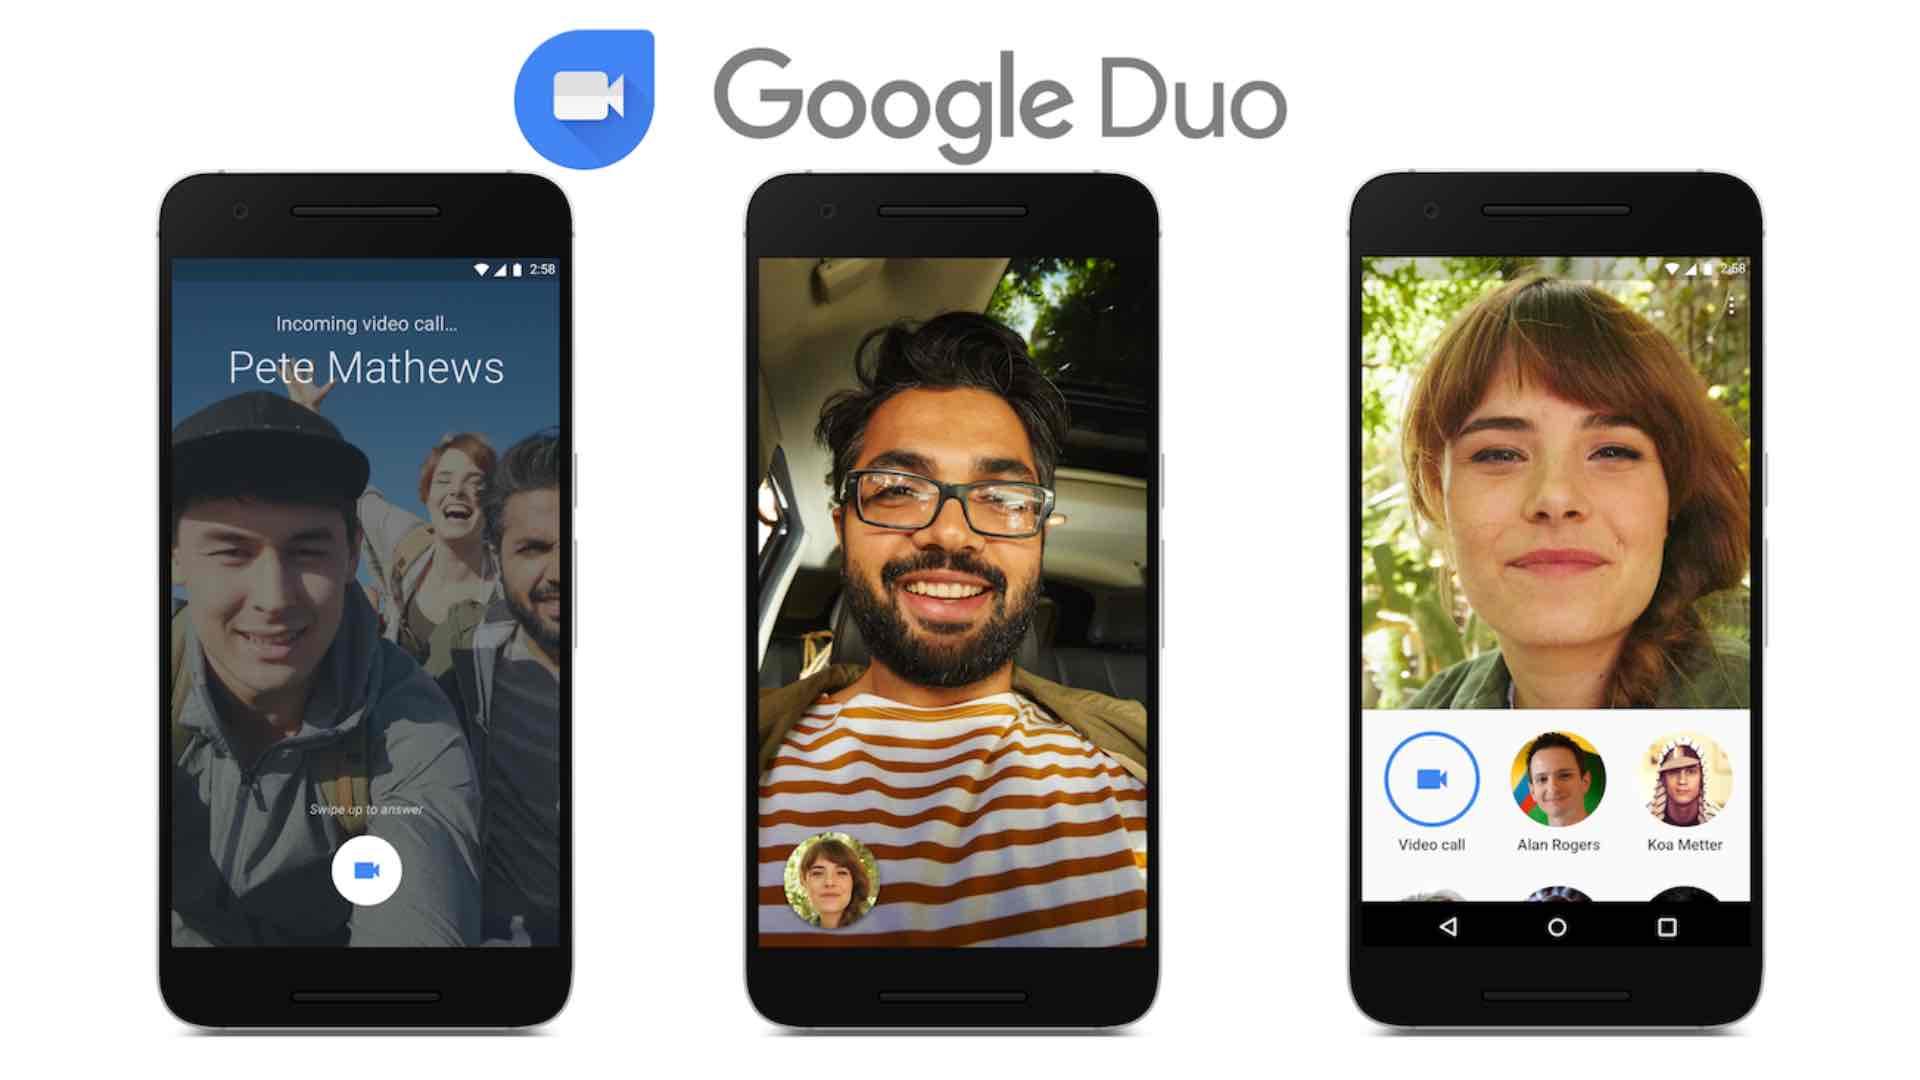 Google Duo скоро стане доступним для ПК